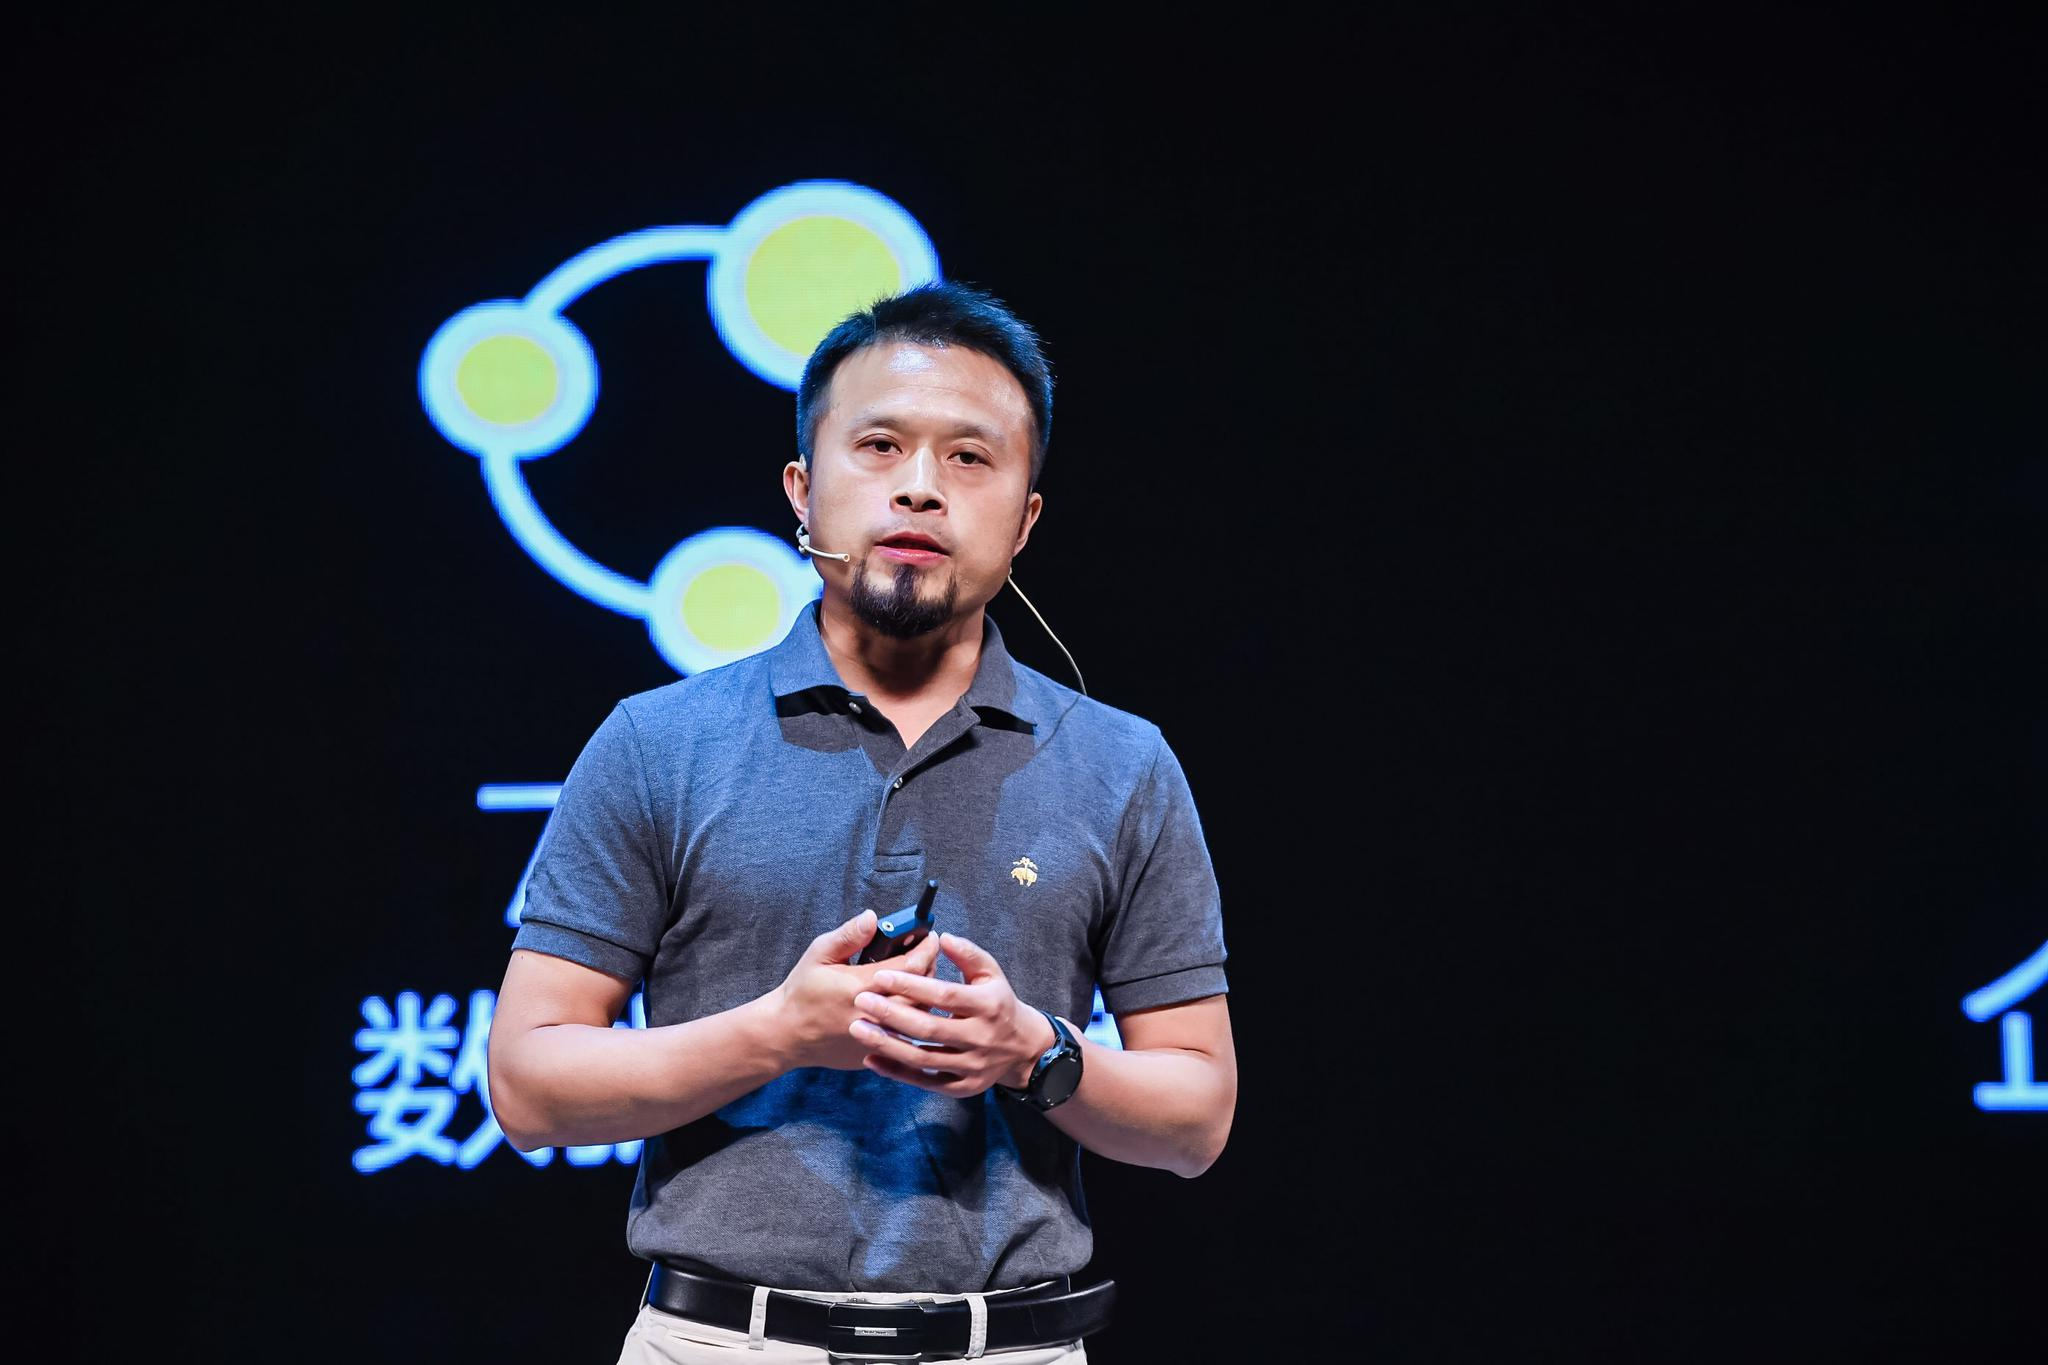 合合信息陈青山:AI+大数据 帮助企业扩张数字领土